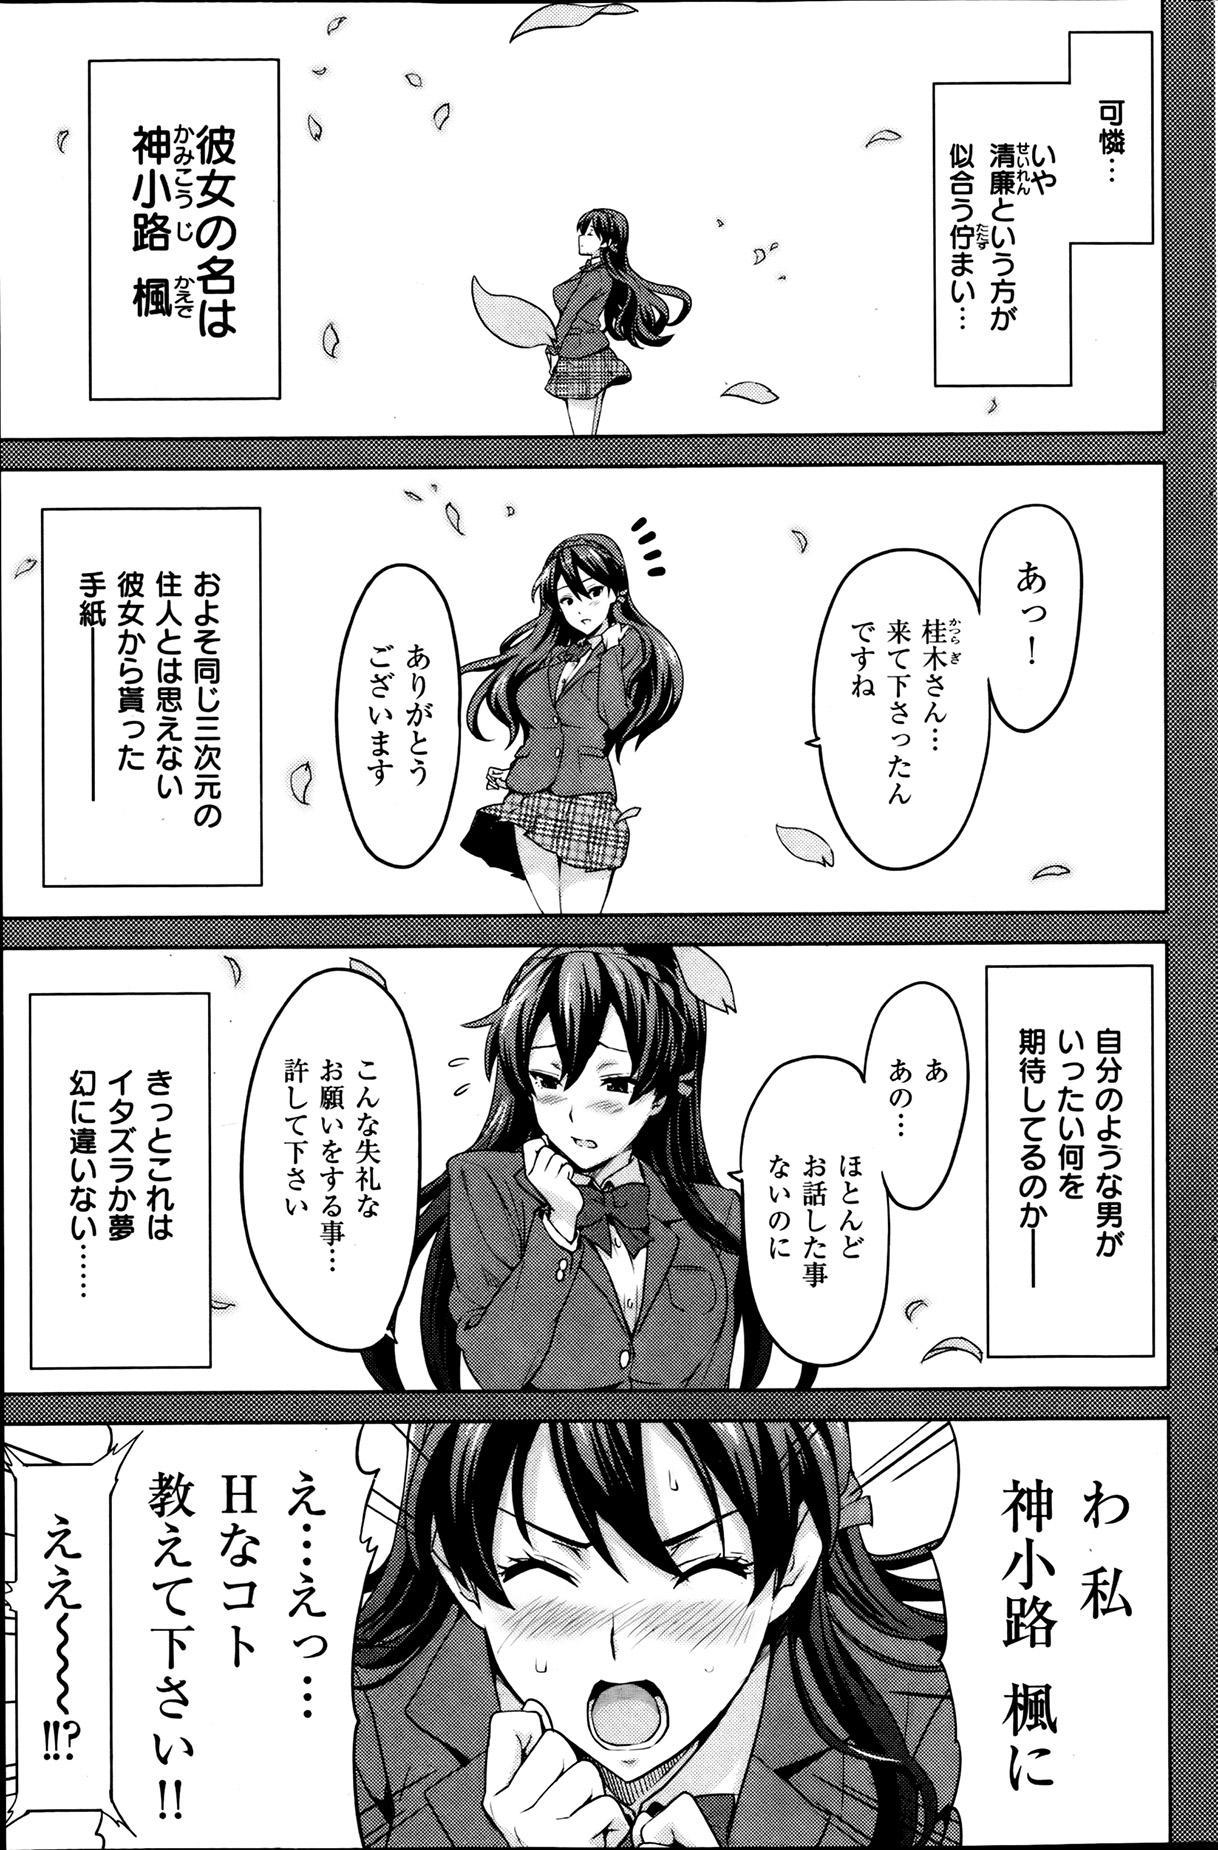 COMIC HANA-MAN 2013-08 Takeda Hiromitsu Tokushuu 162